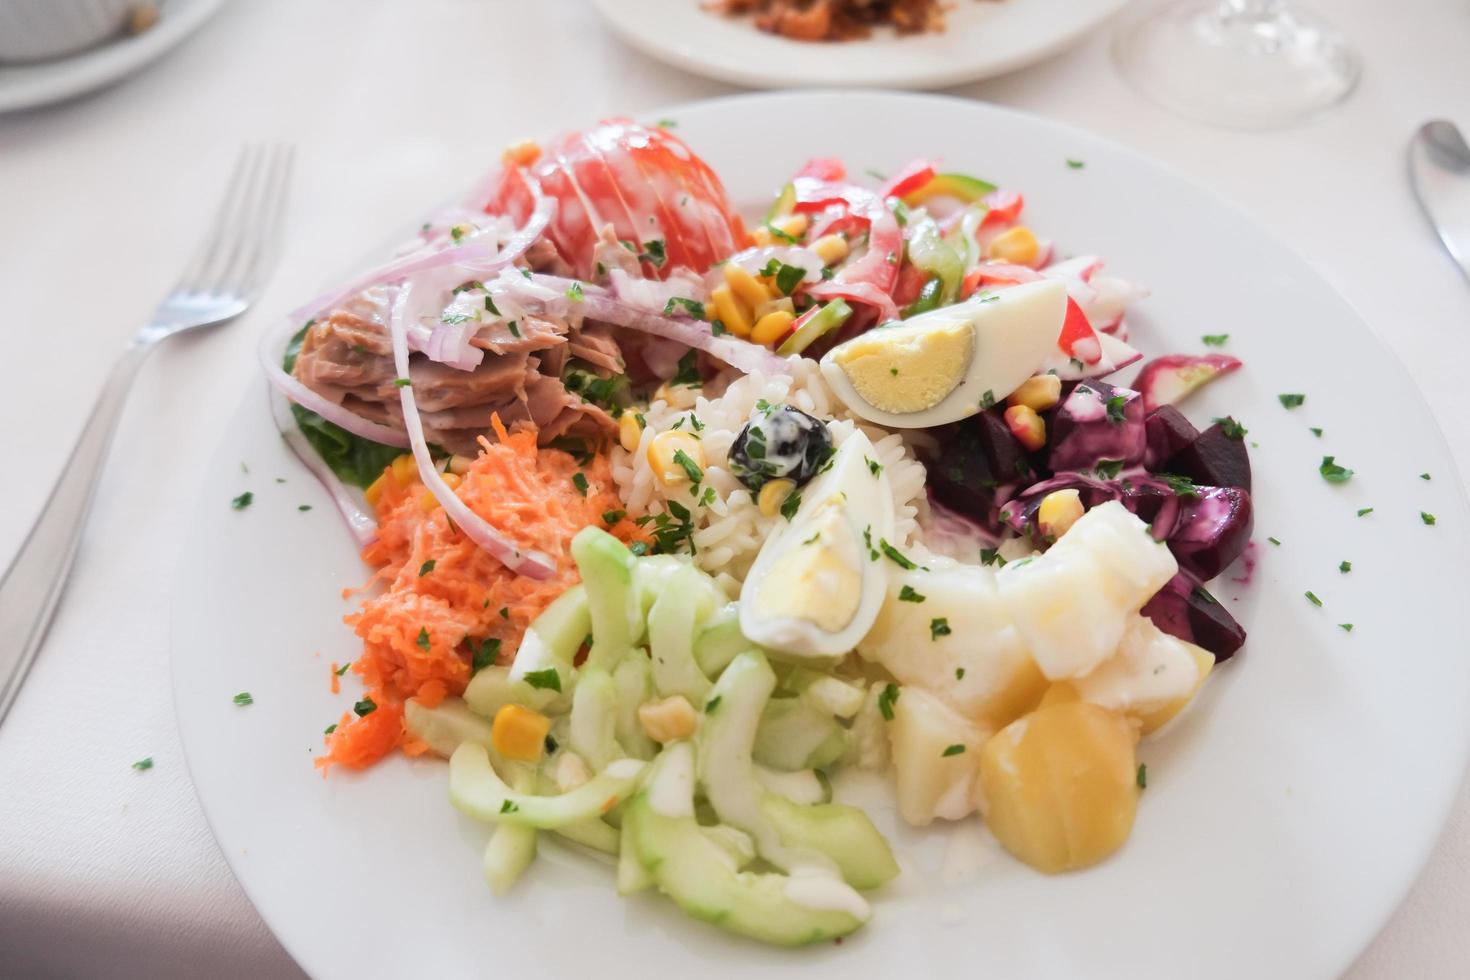 une assiette de salade photo